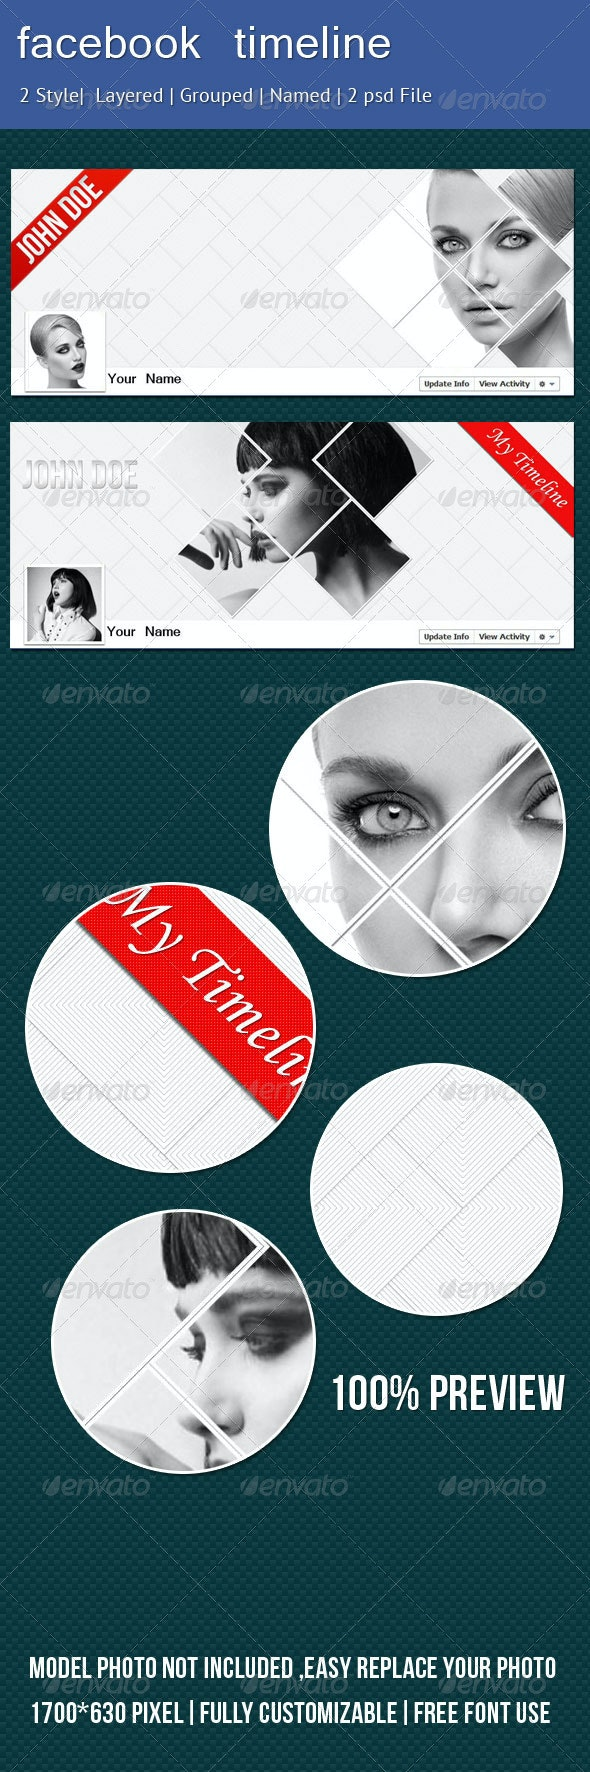 Stylish Facebook Timeline - Facebook Timeline Covers Social Media